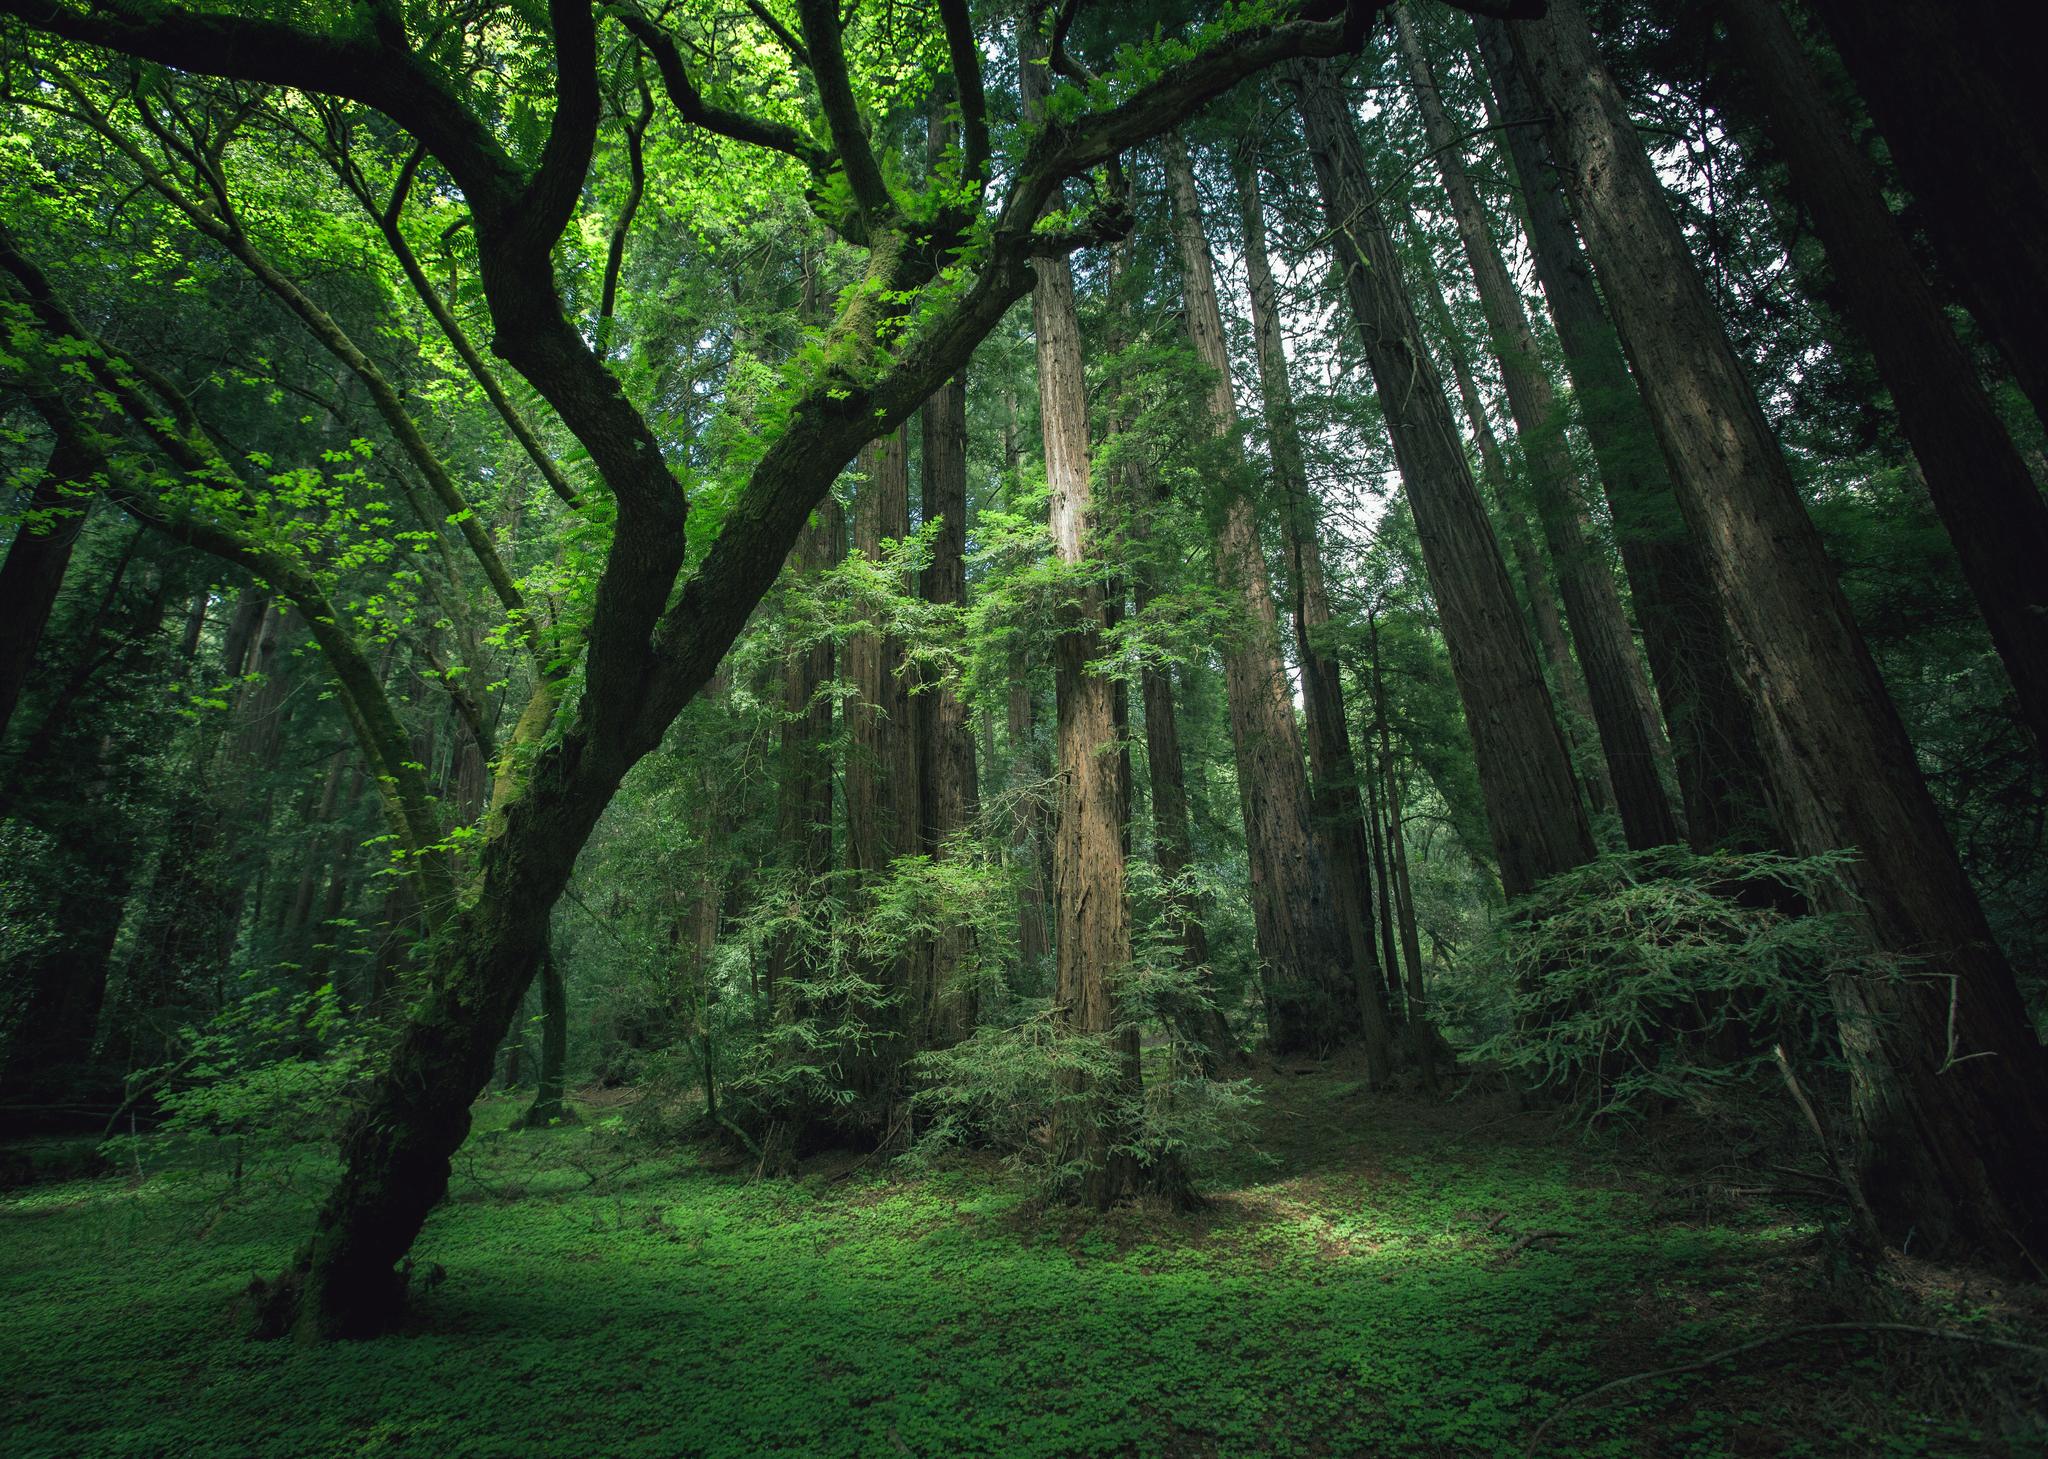 зелень лес деревья  № 1078692 загрузить